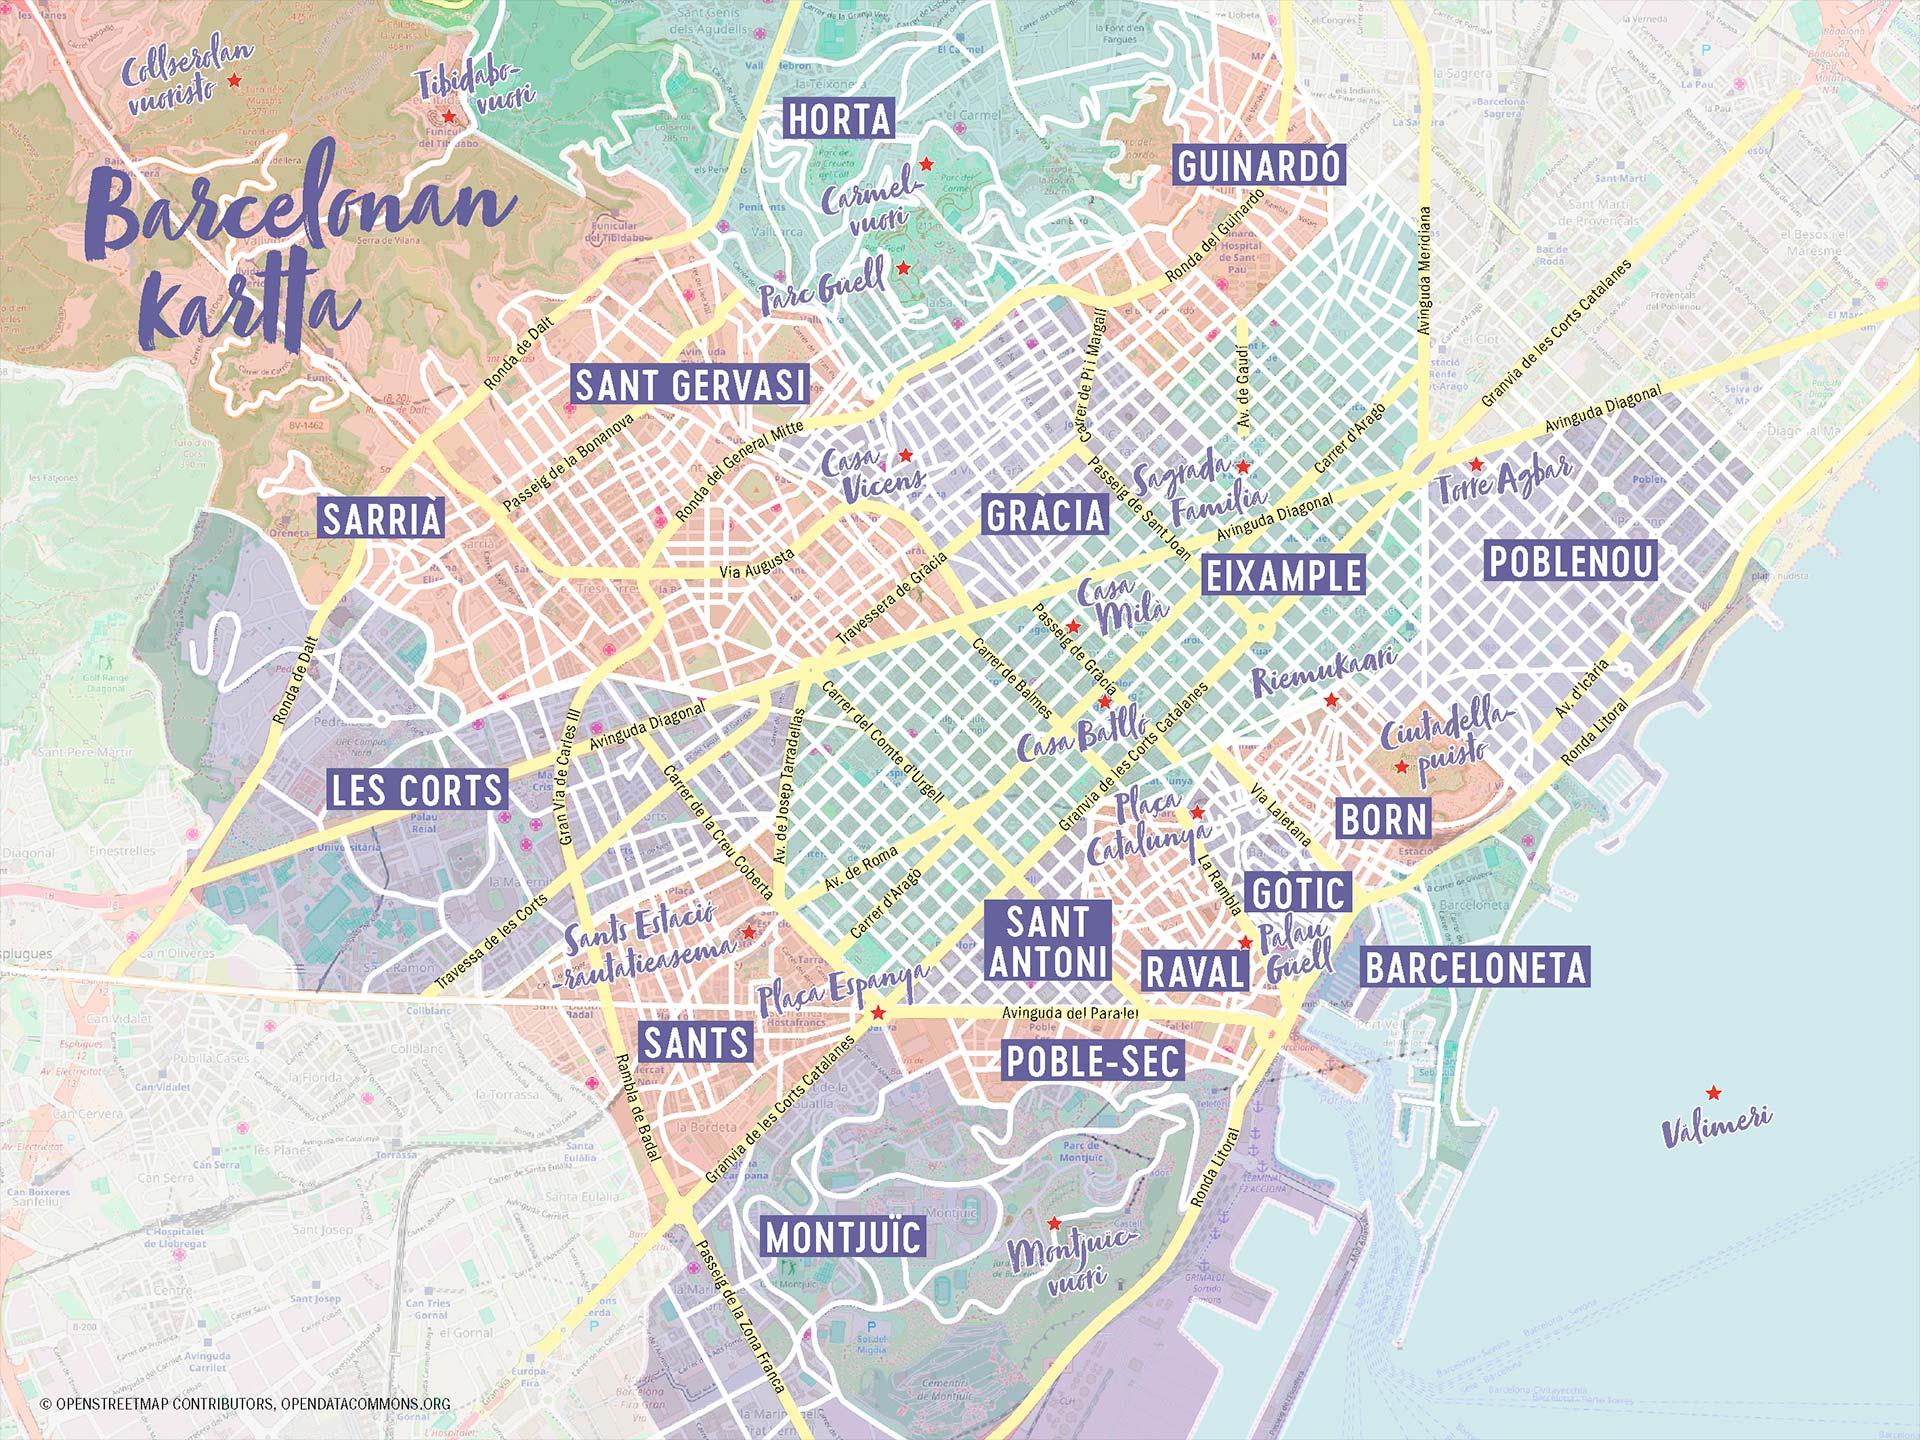 Barcelonan kaupunginosat. Kuvitus © Erica Löfman. Kartta © OpenStreetMap contributors, opendatacommons.org